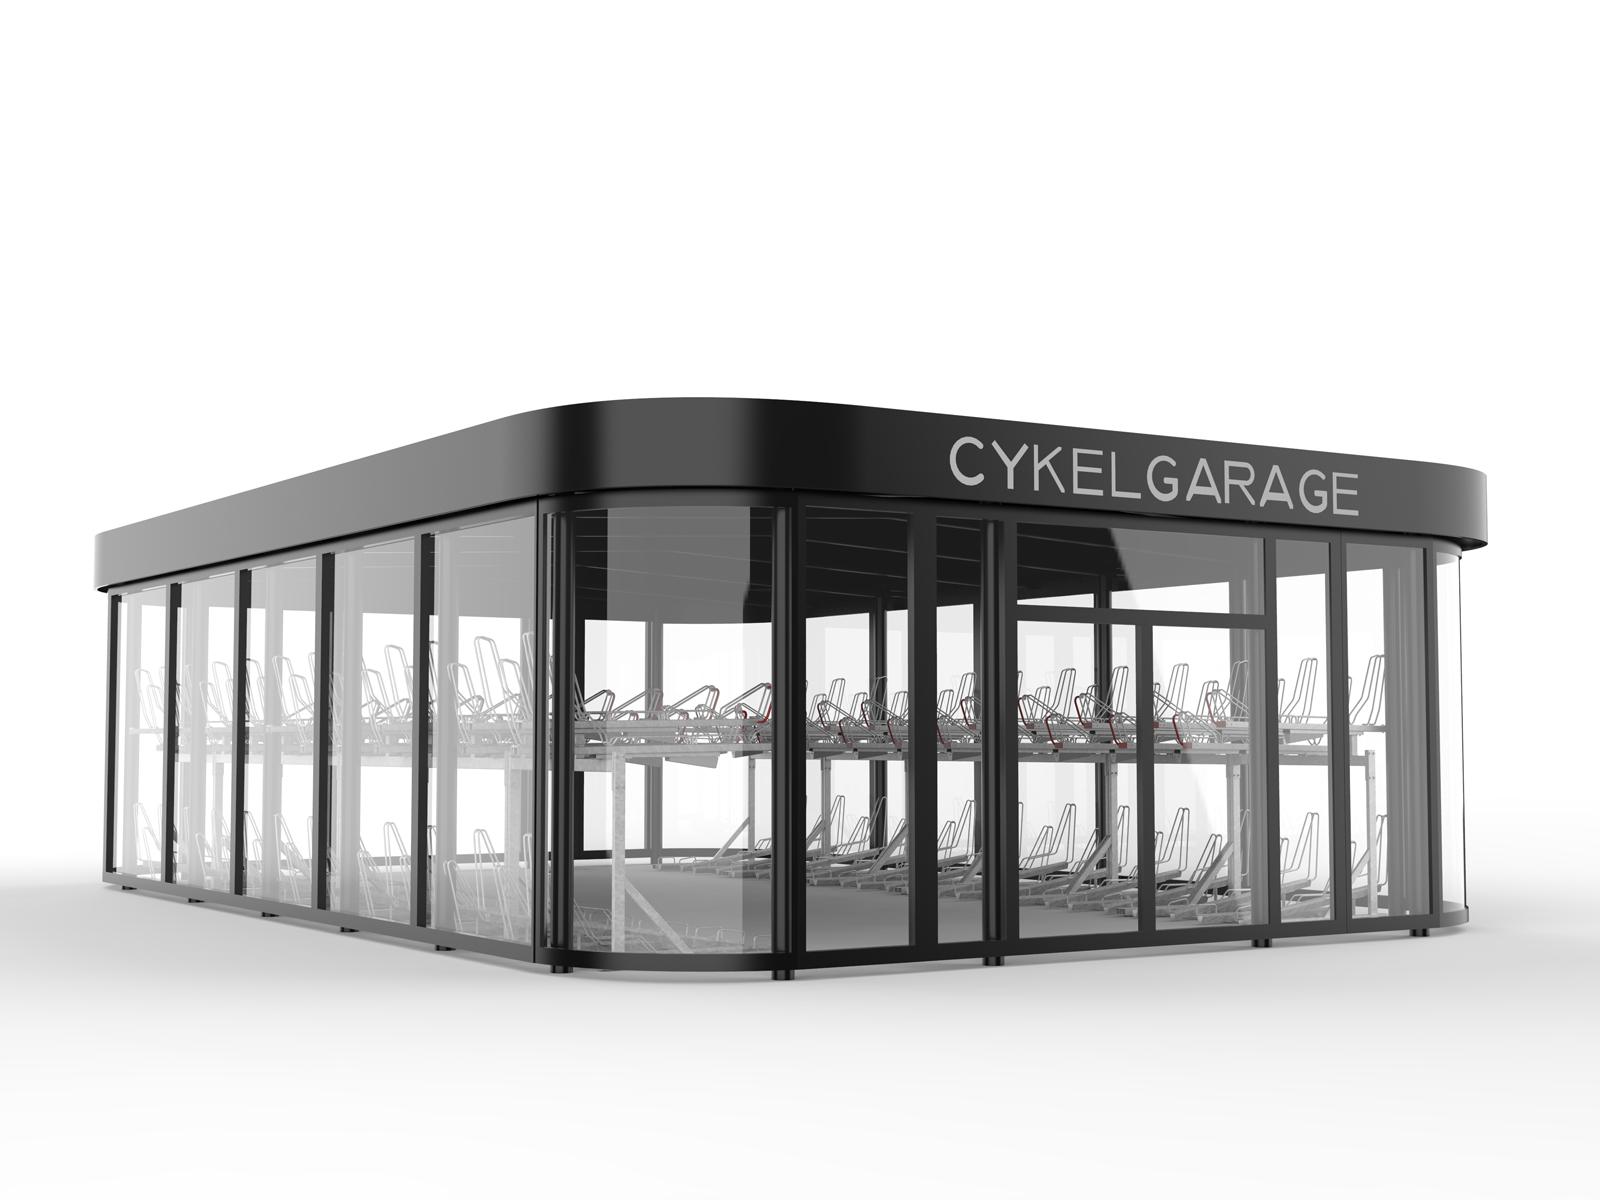 lukittu ja turvallinen pyöränsäsilytysila kaksikerrotelineillä, paljon pyöränpaikkoja